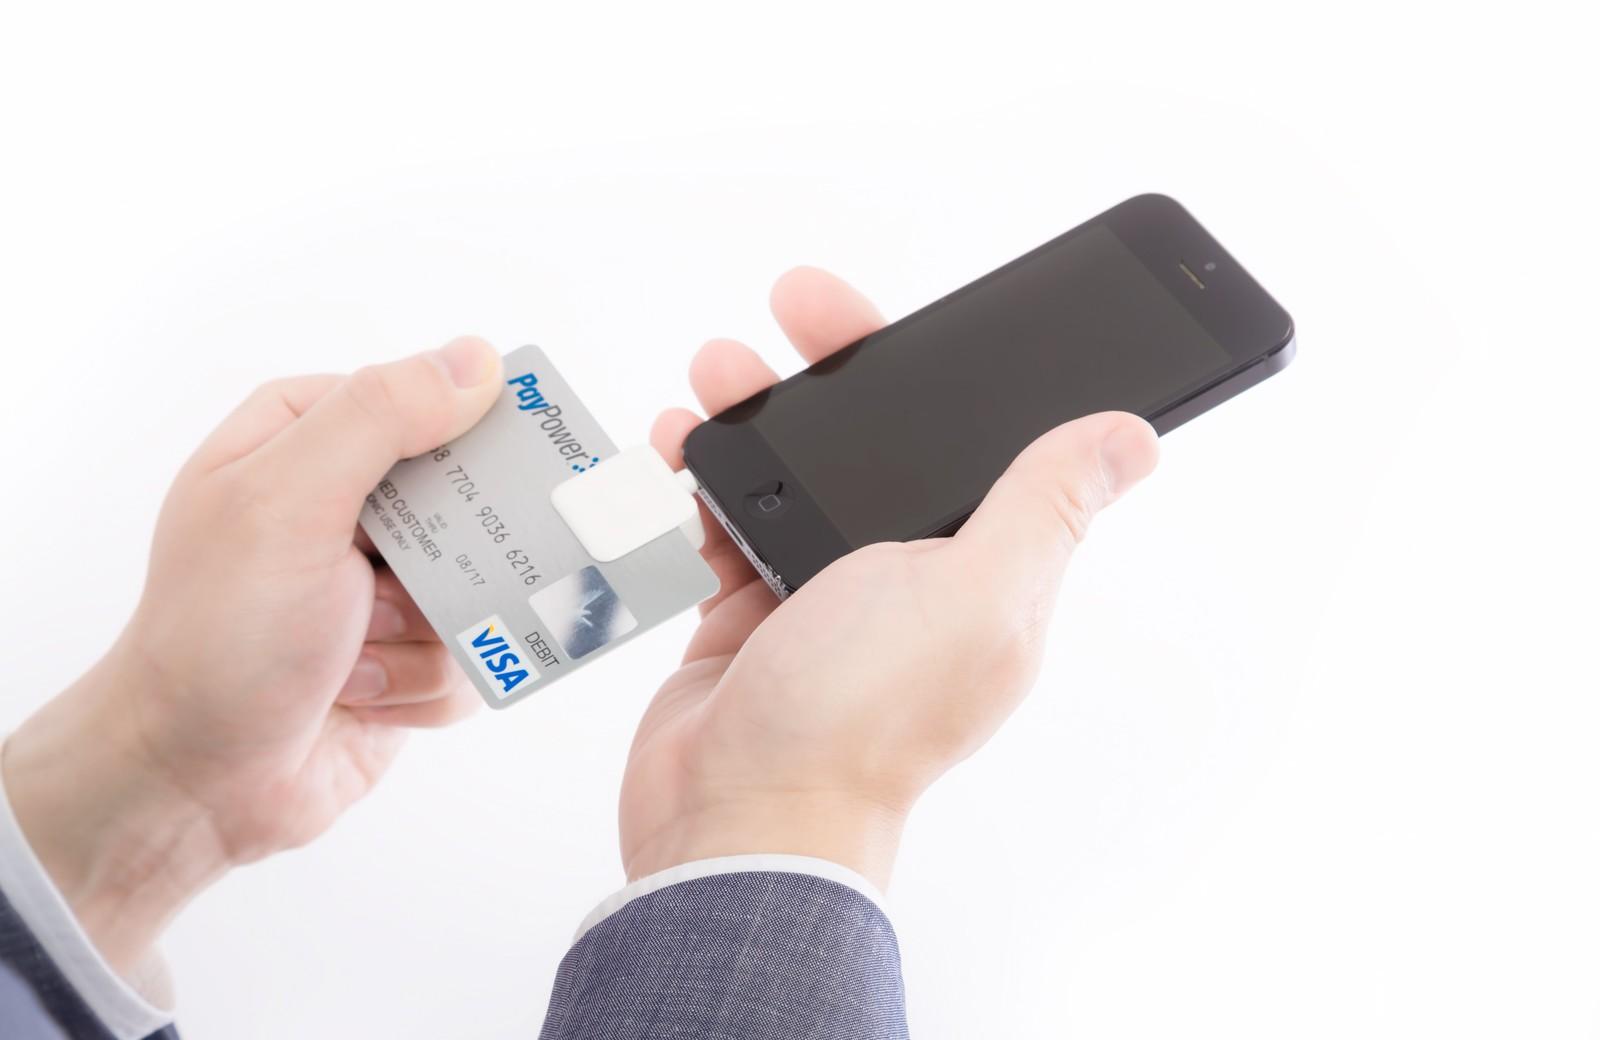 支払いは現金よりクレジットカードのほうがお得です